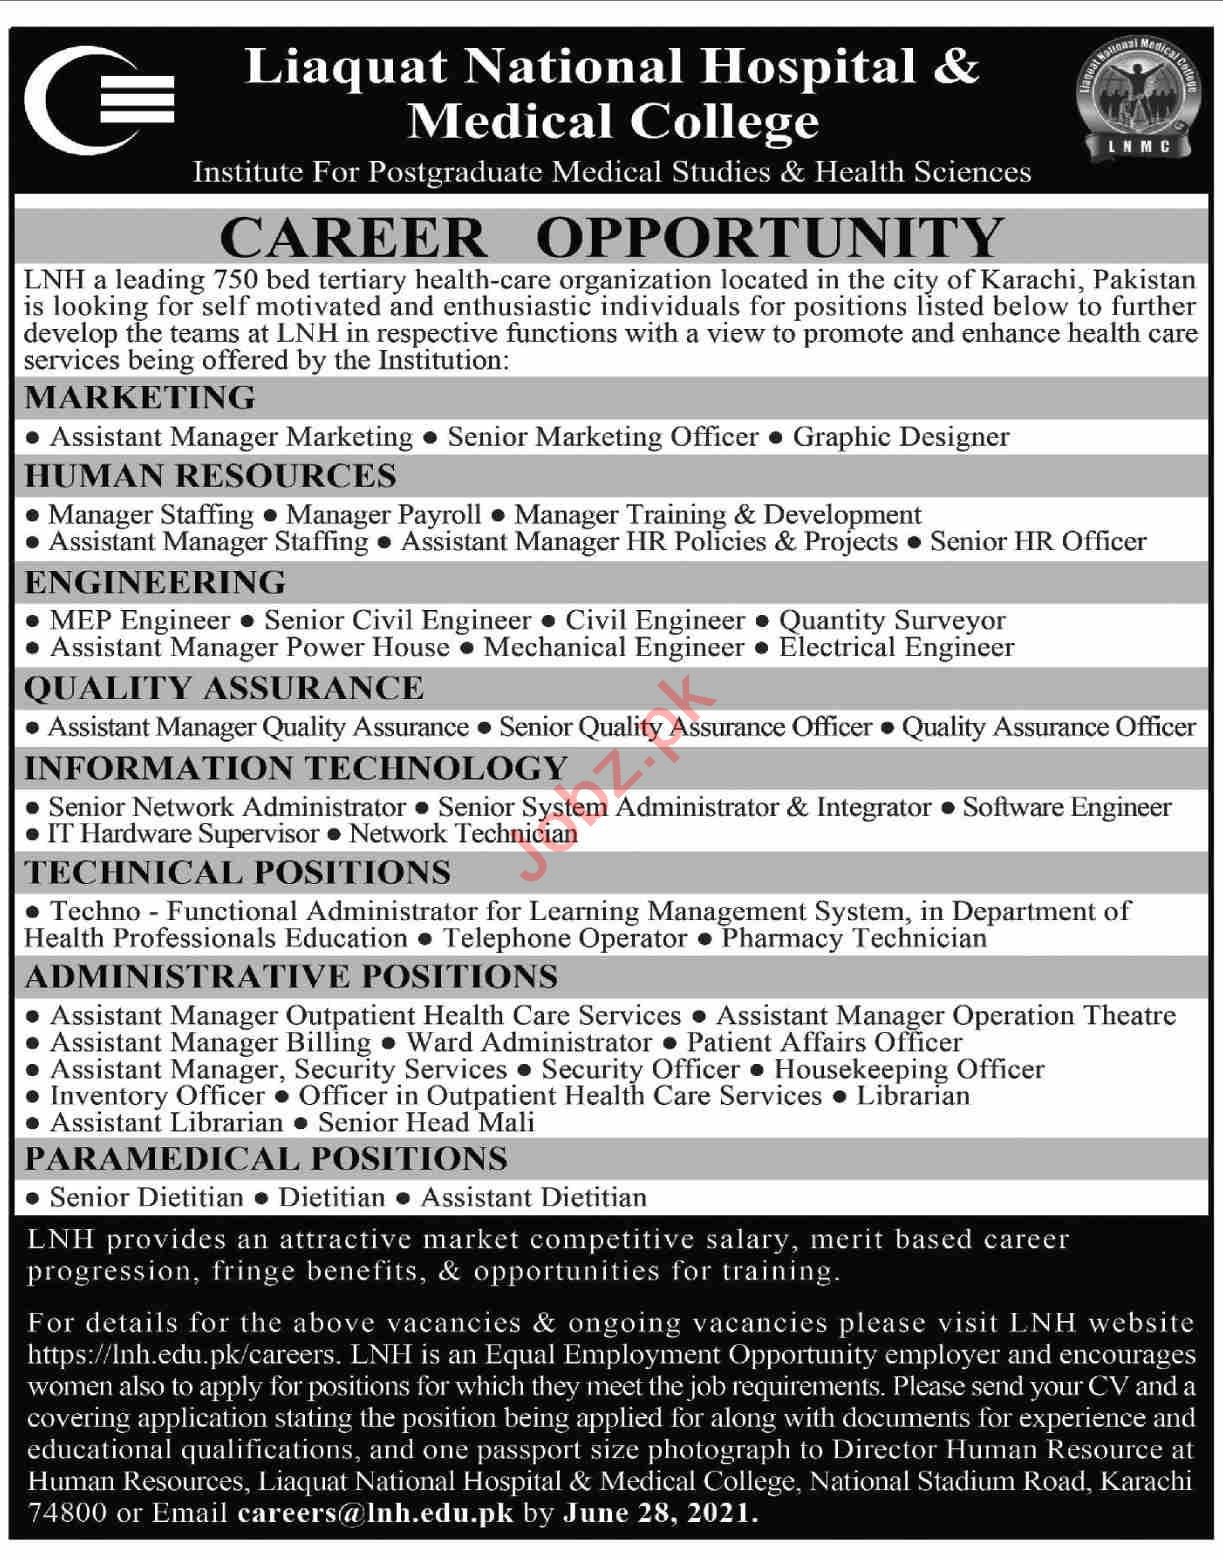 Liaquat National Hospital and Medical College LNH Jobs 2021